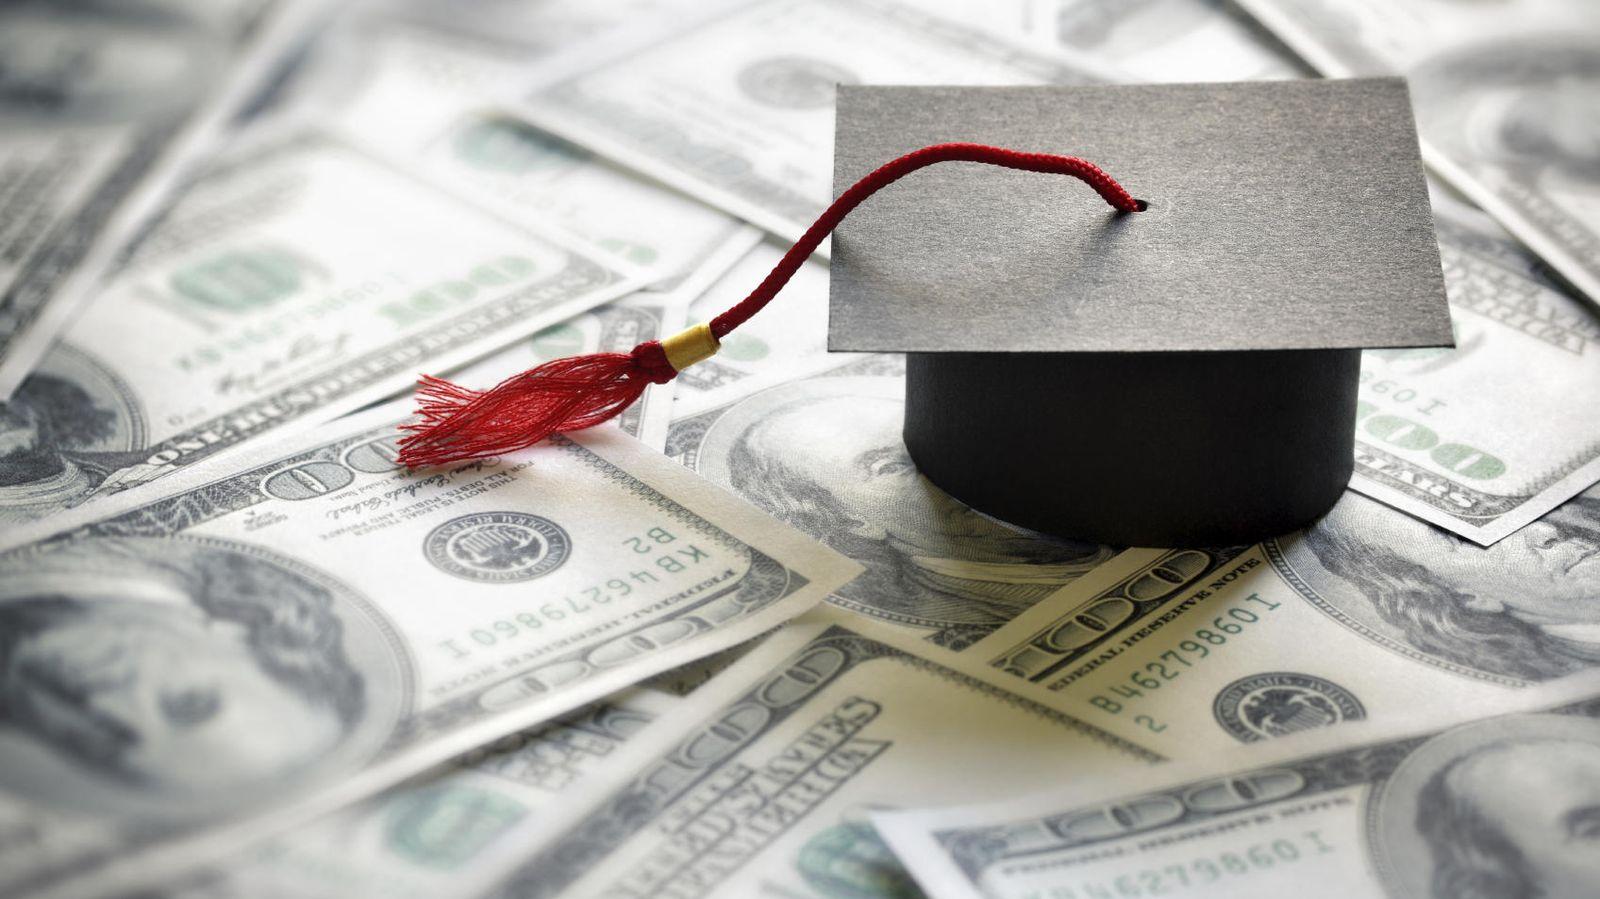 Foto: Menos becas y más préstamos: así será el futuro para los que quieran tener estudios superiores. (iStock)